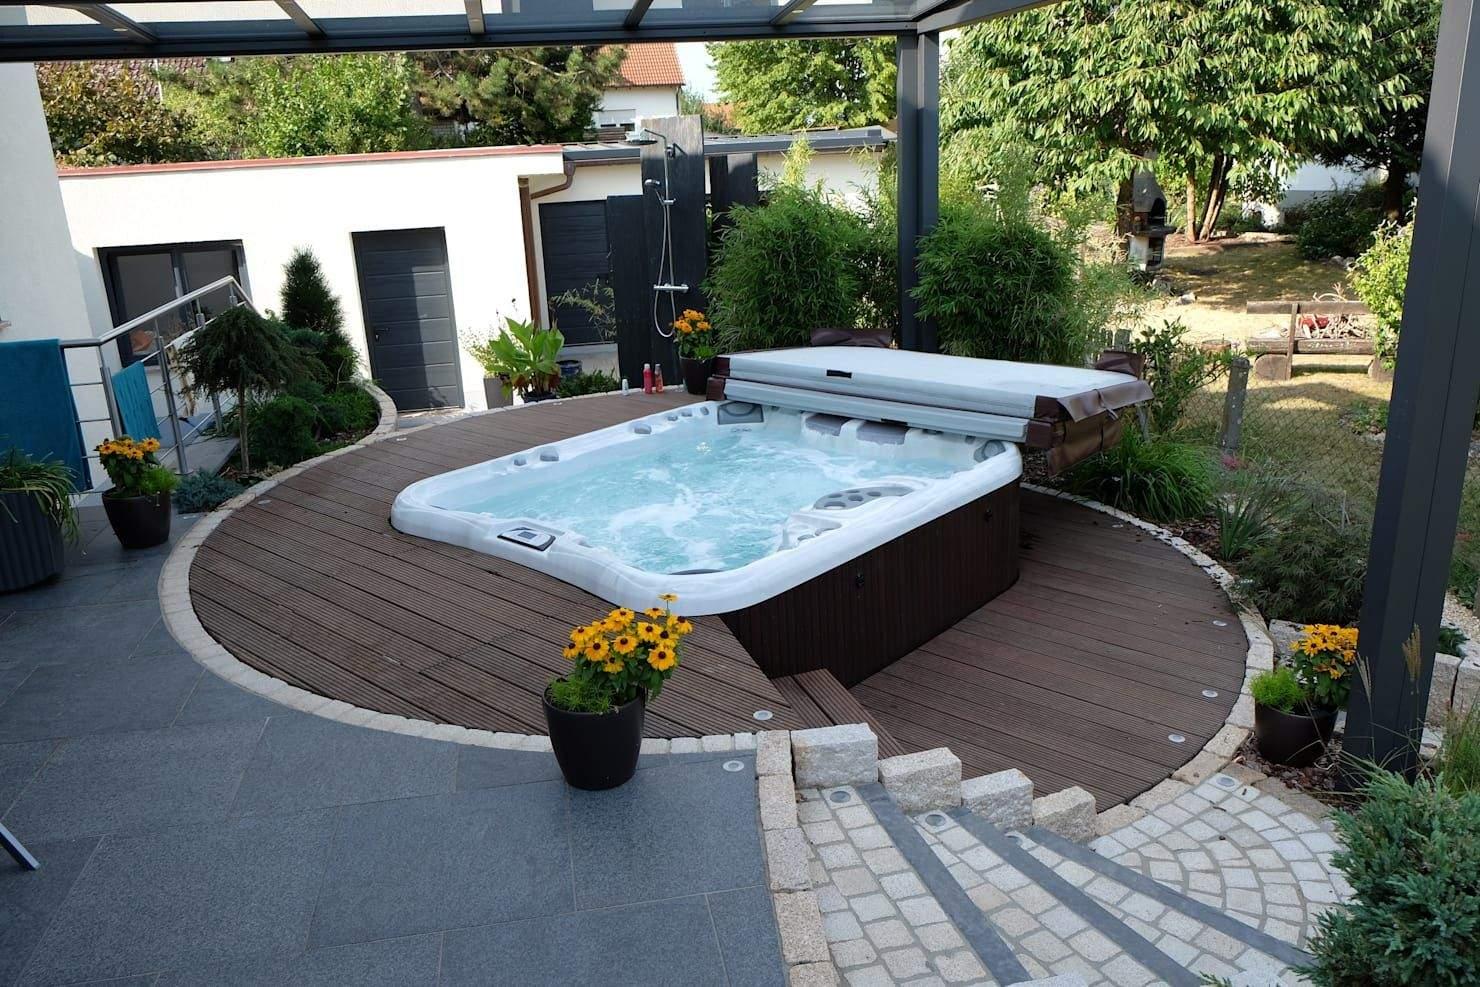 Garten Whirlpool Einzigartig 22 Mini Pools Sich Fantastisch In Deinem Garten Machen